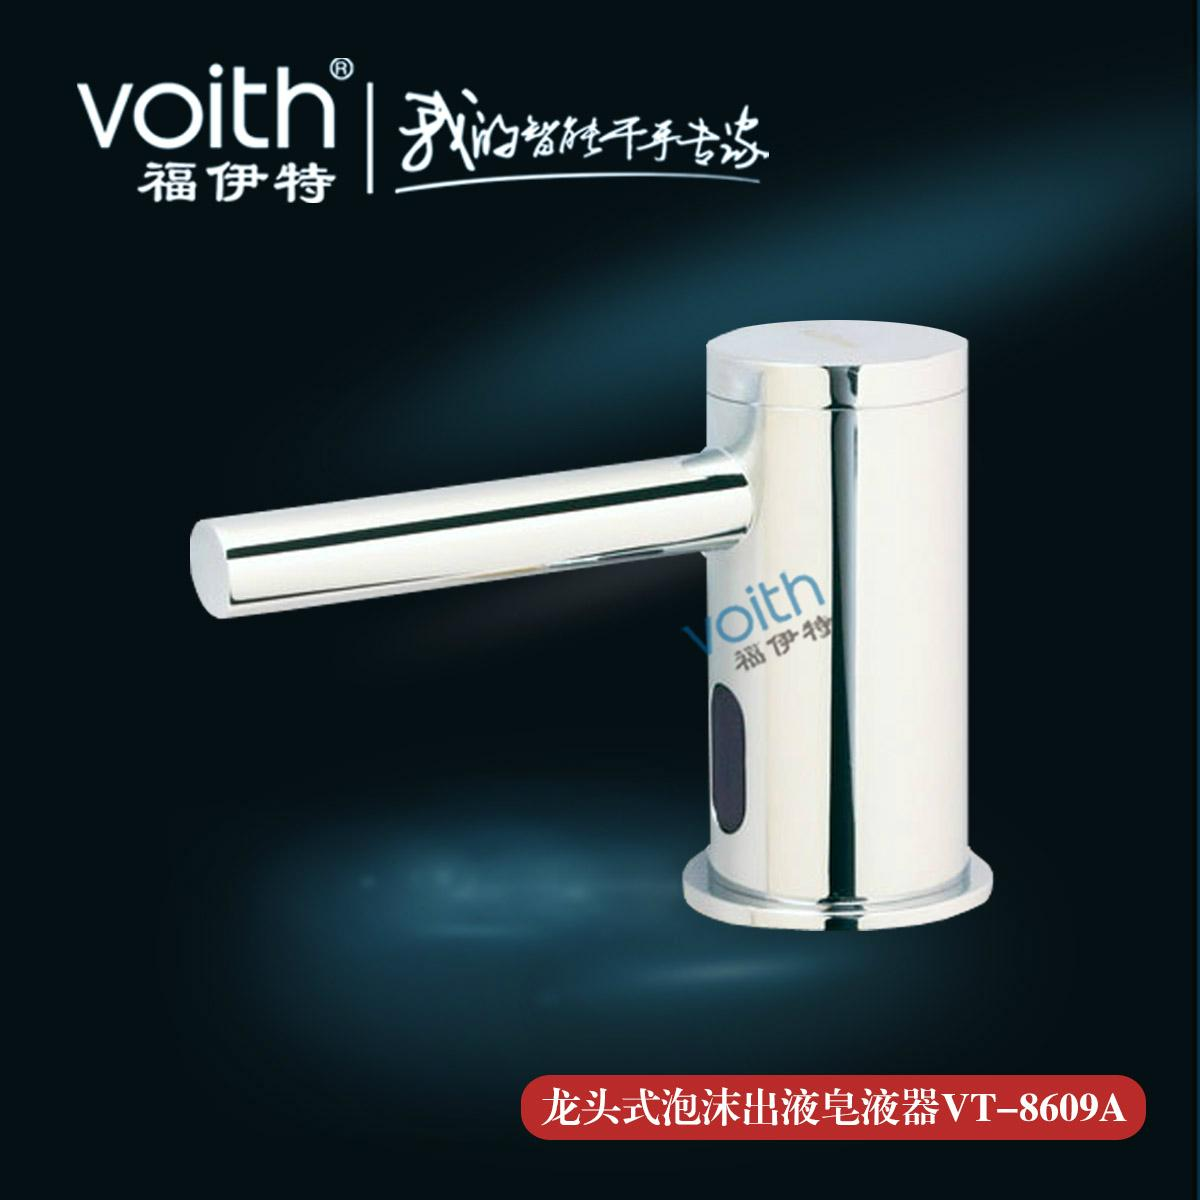 深圳無塵室304不鏽鋼感應洗手液盒 皂液器 1